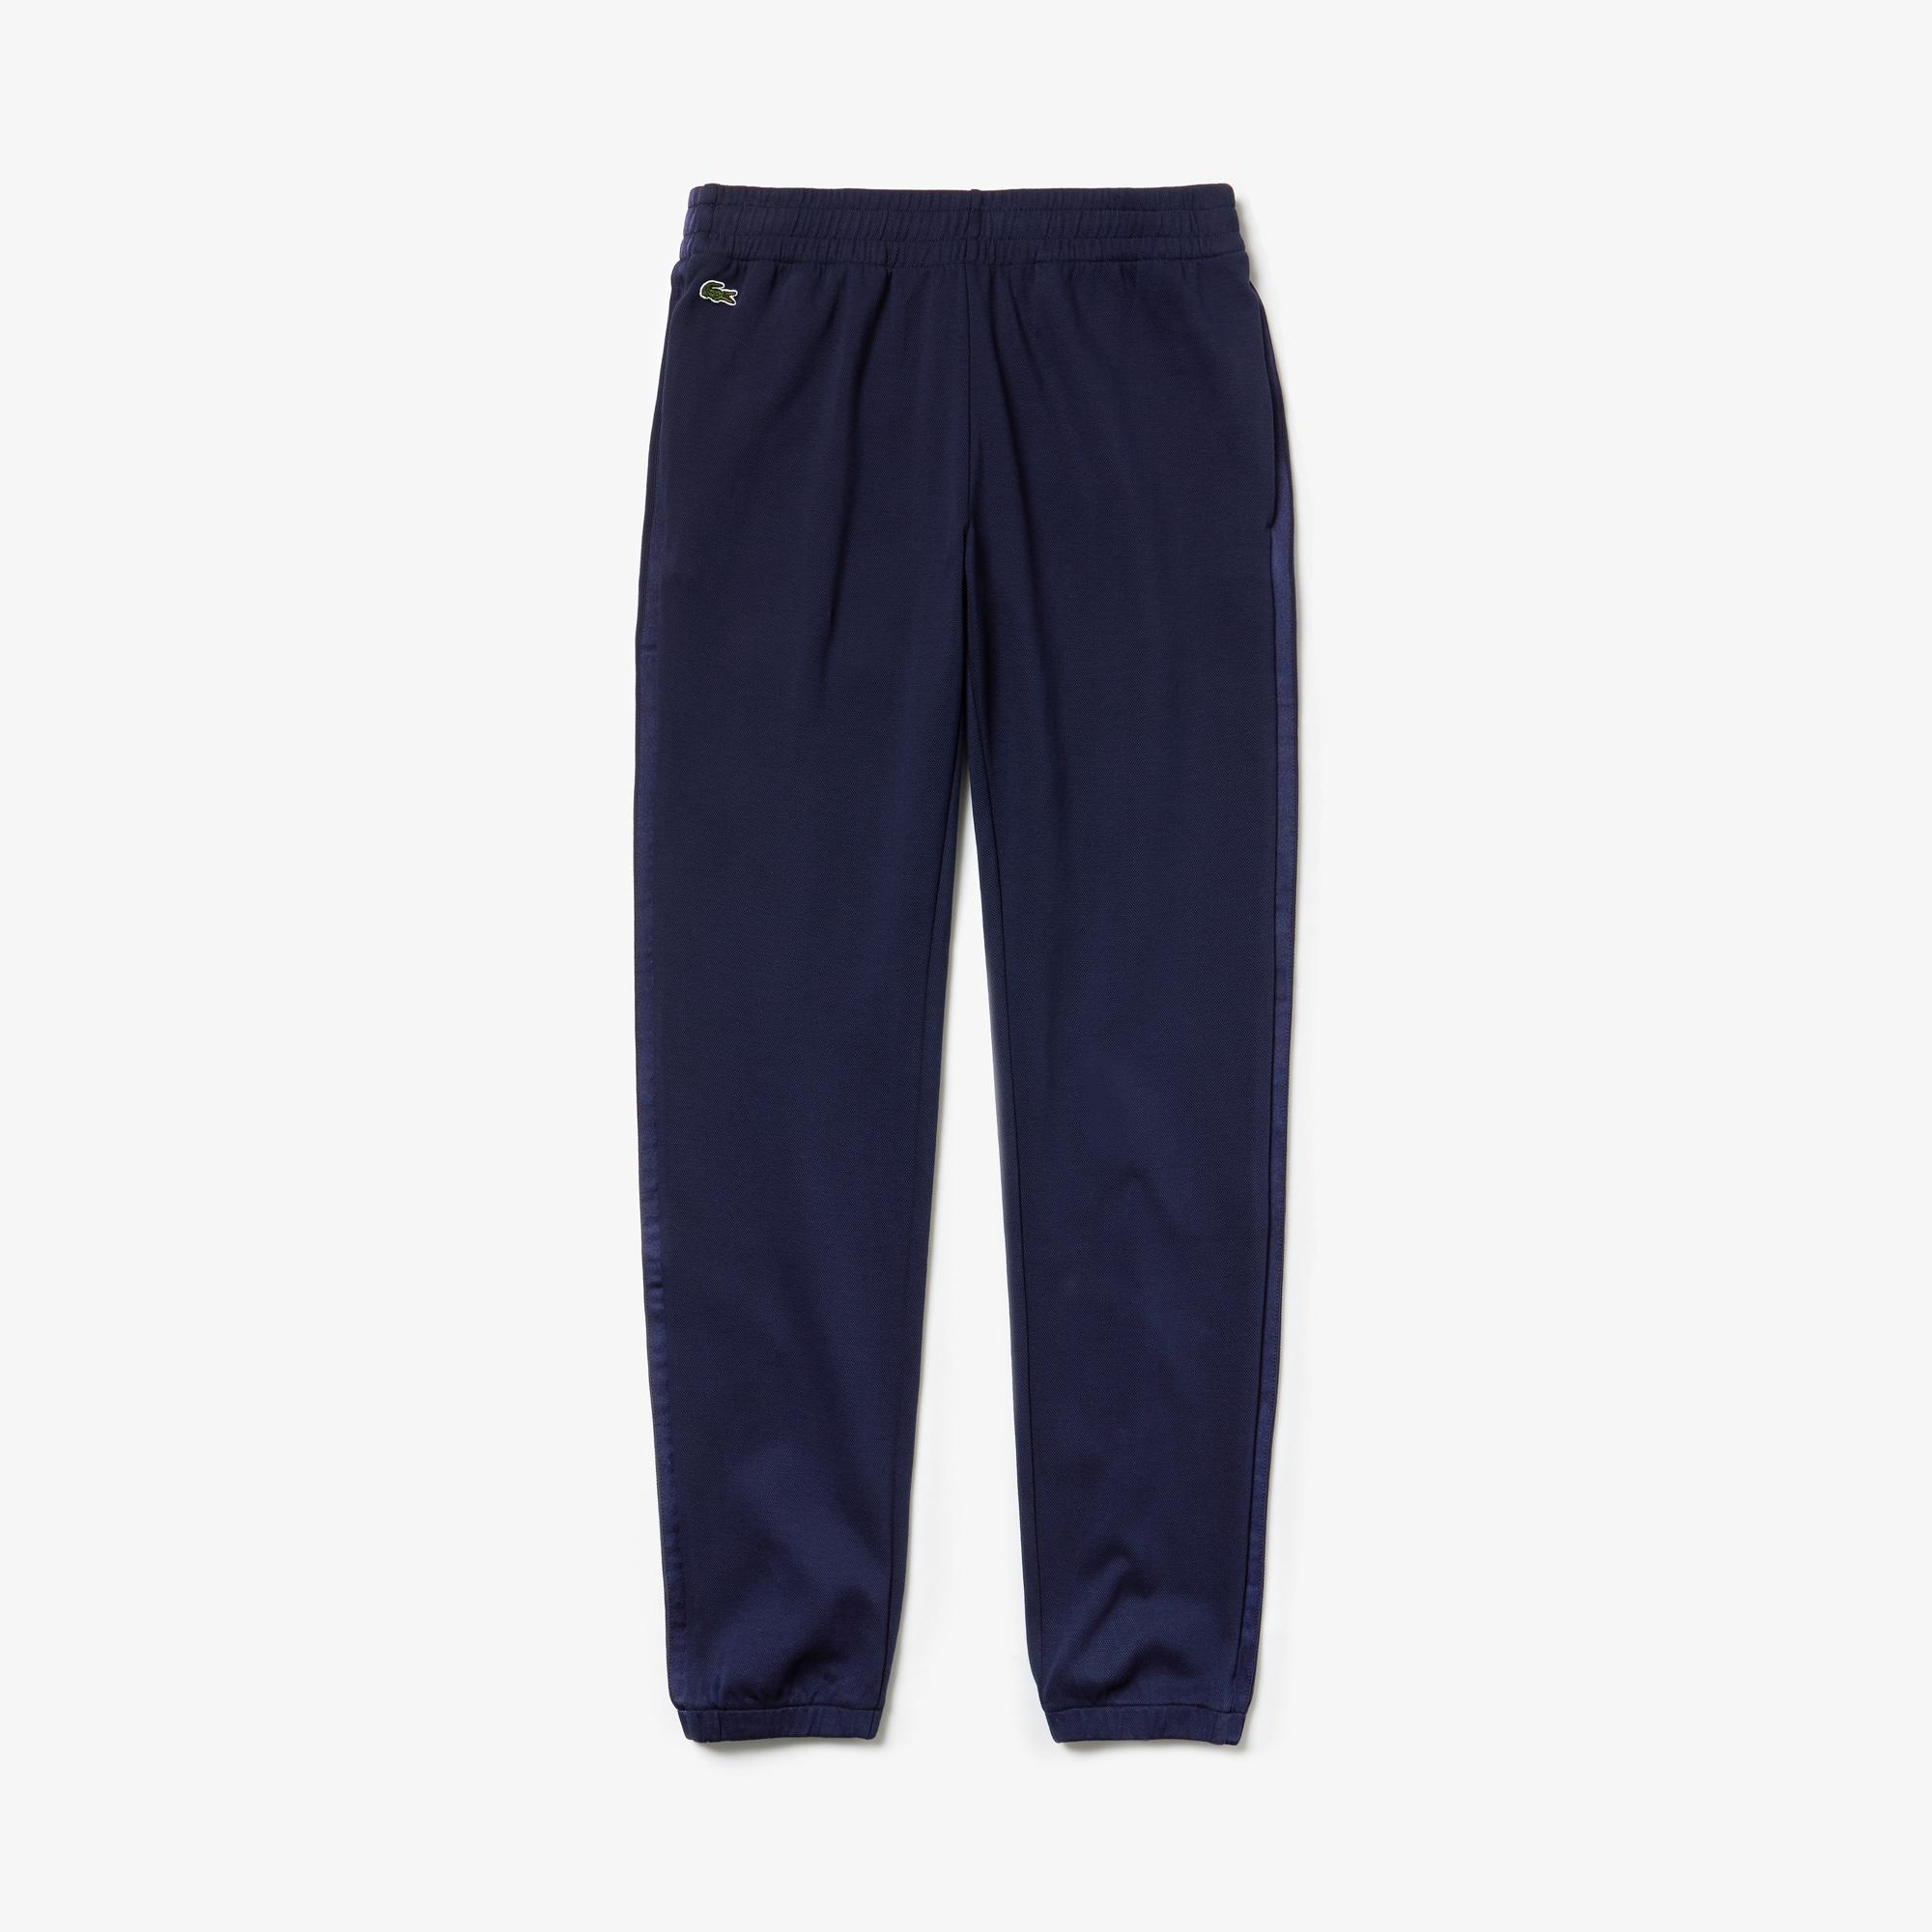 라코스테 Lacoste Womens SPORT Pique Tennis Sweatpants,Navy Blue / Navy Blue